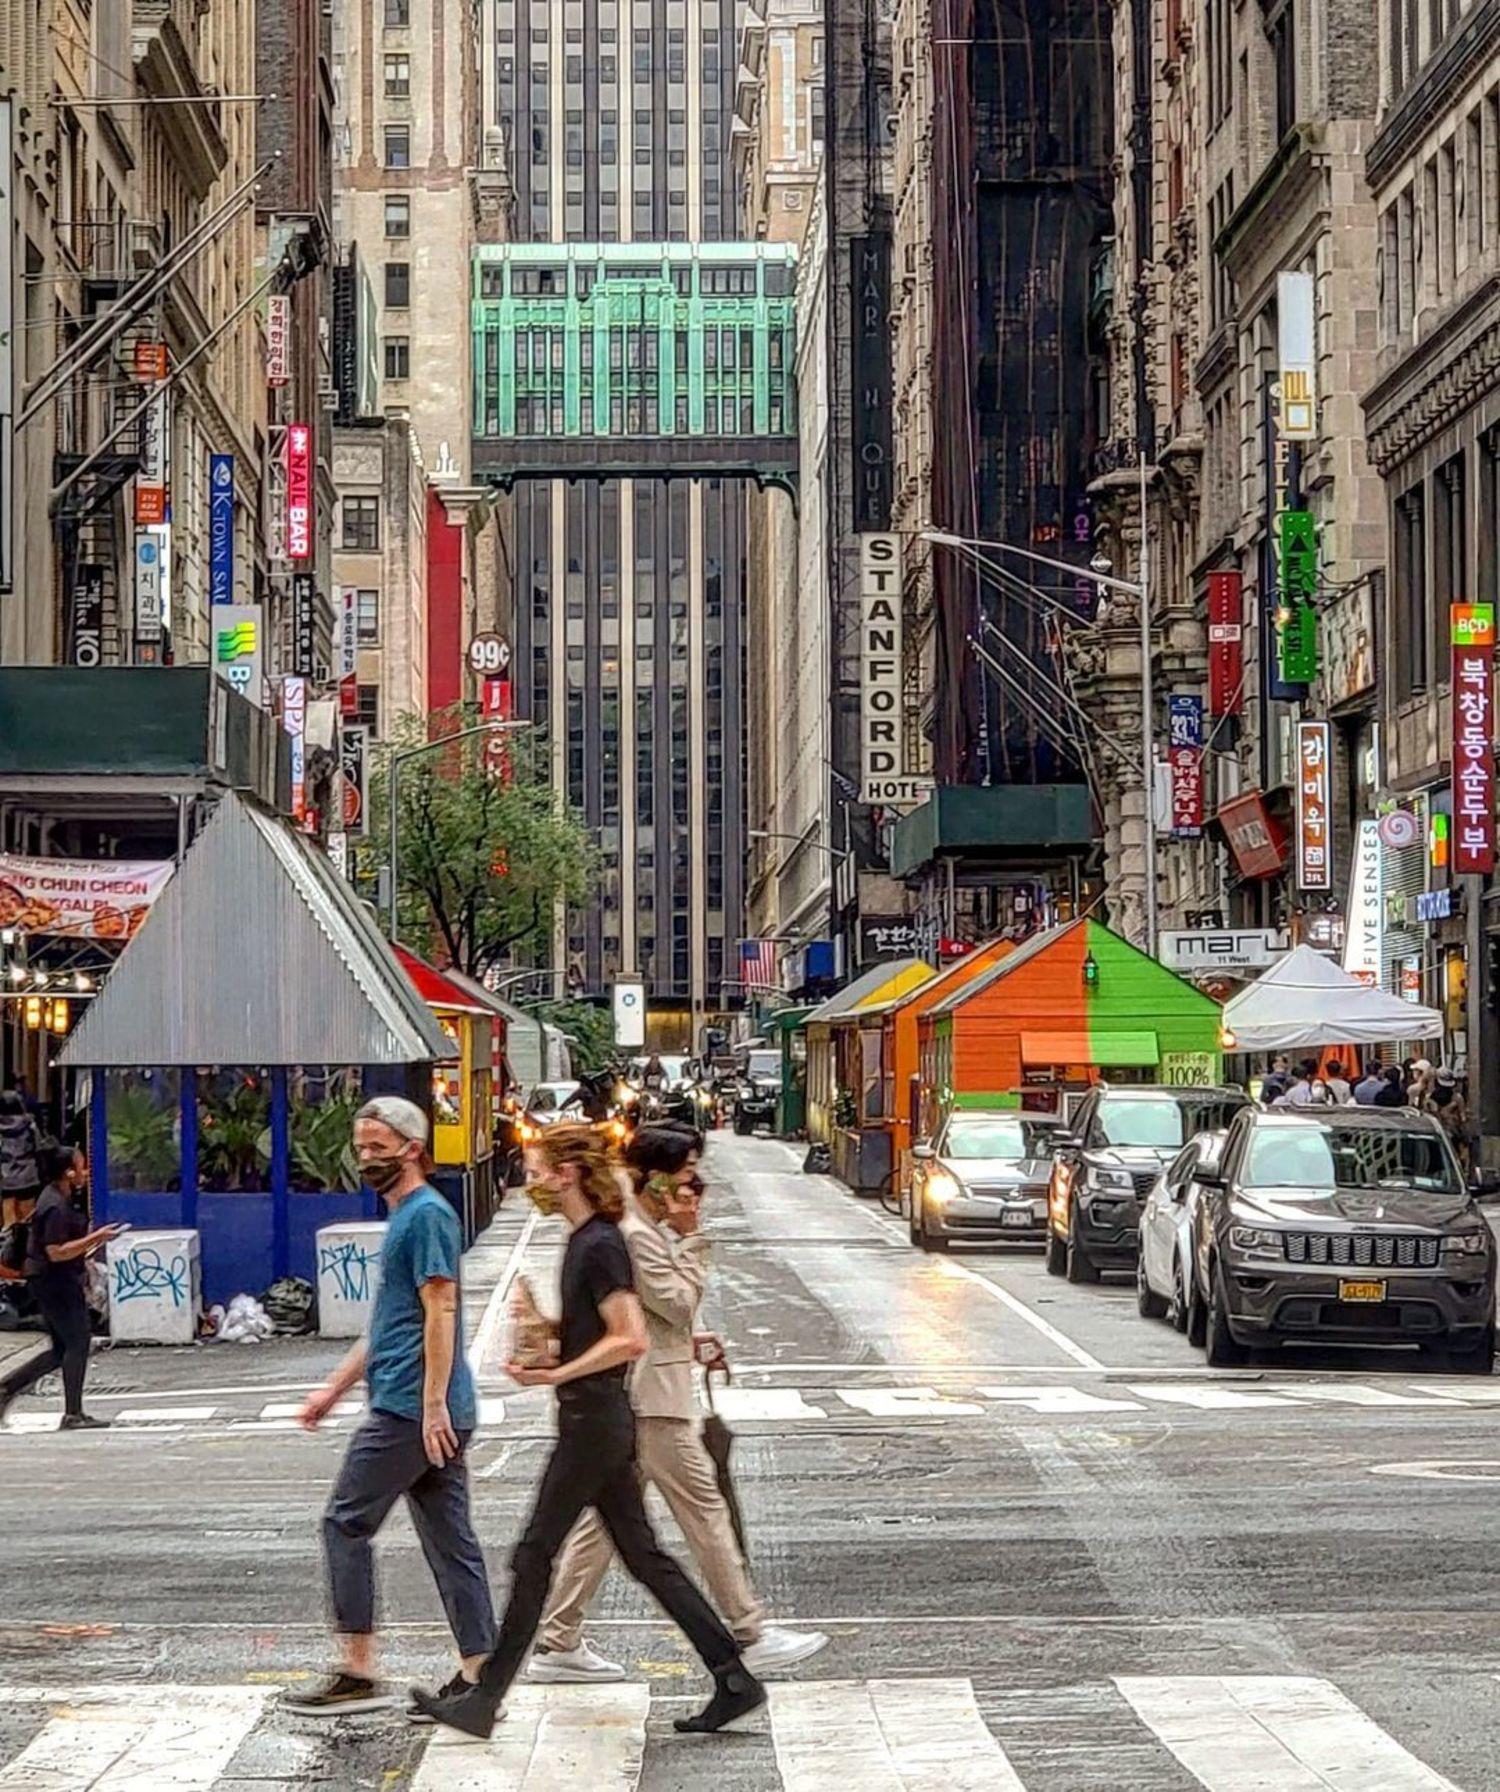 West 32nd Street, Koreatown, Midtown, Manhattan